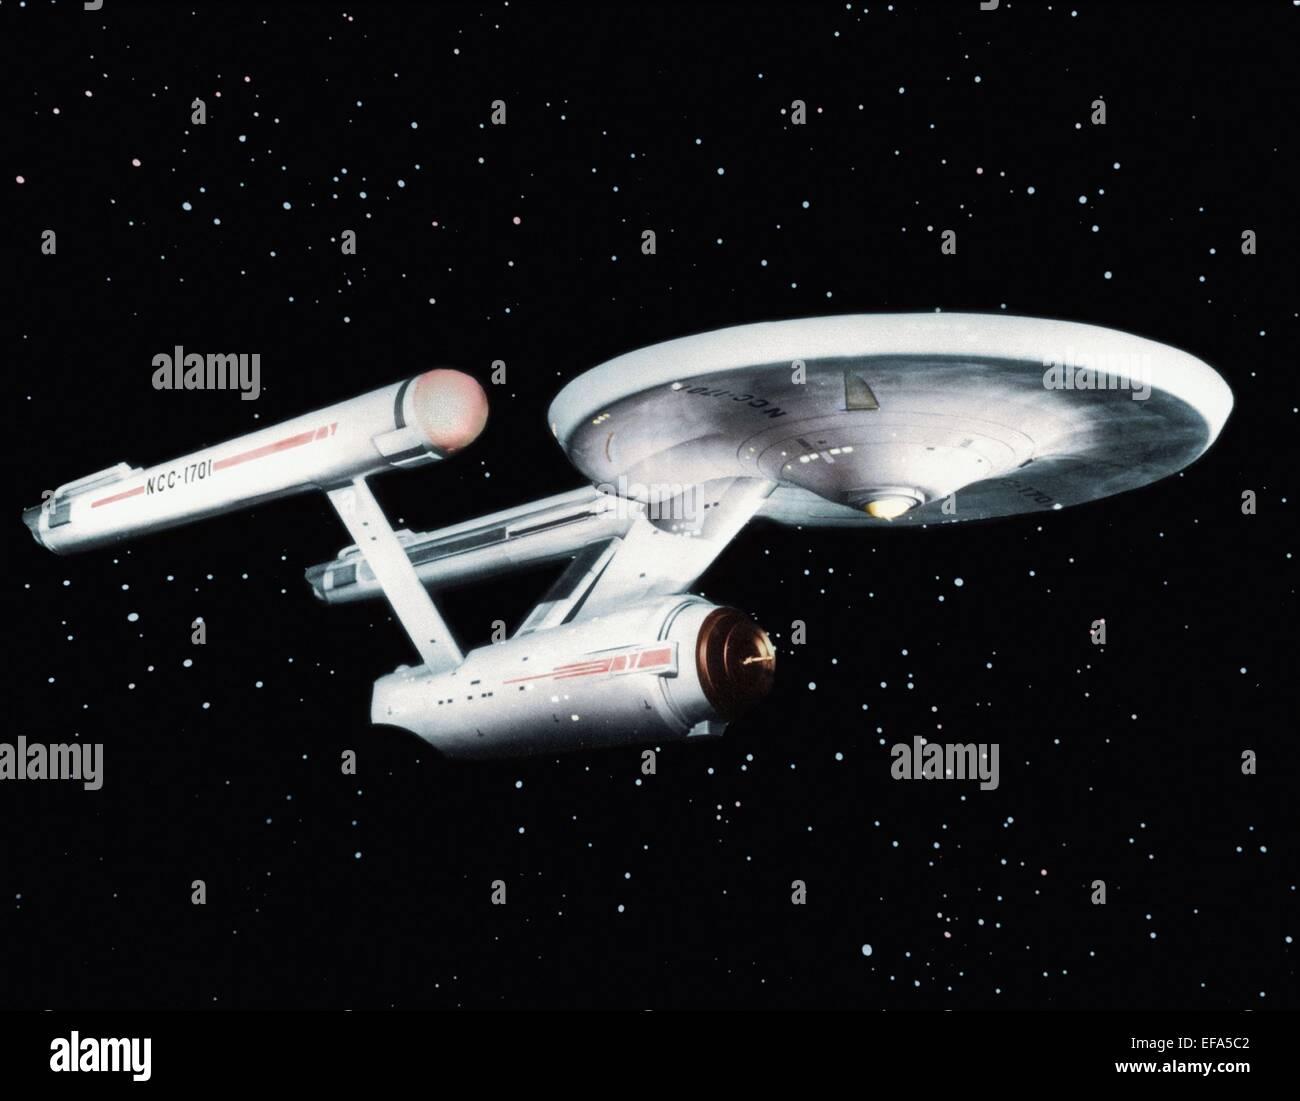 THE STARSHIP ENTERPRISE STAR TREK (1966) Stock Photo